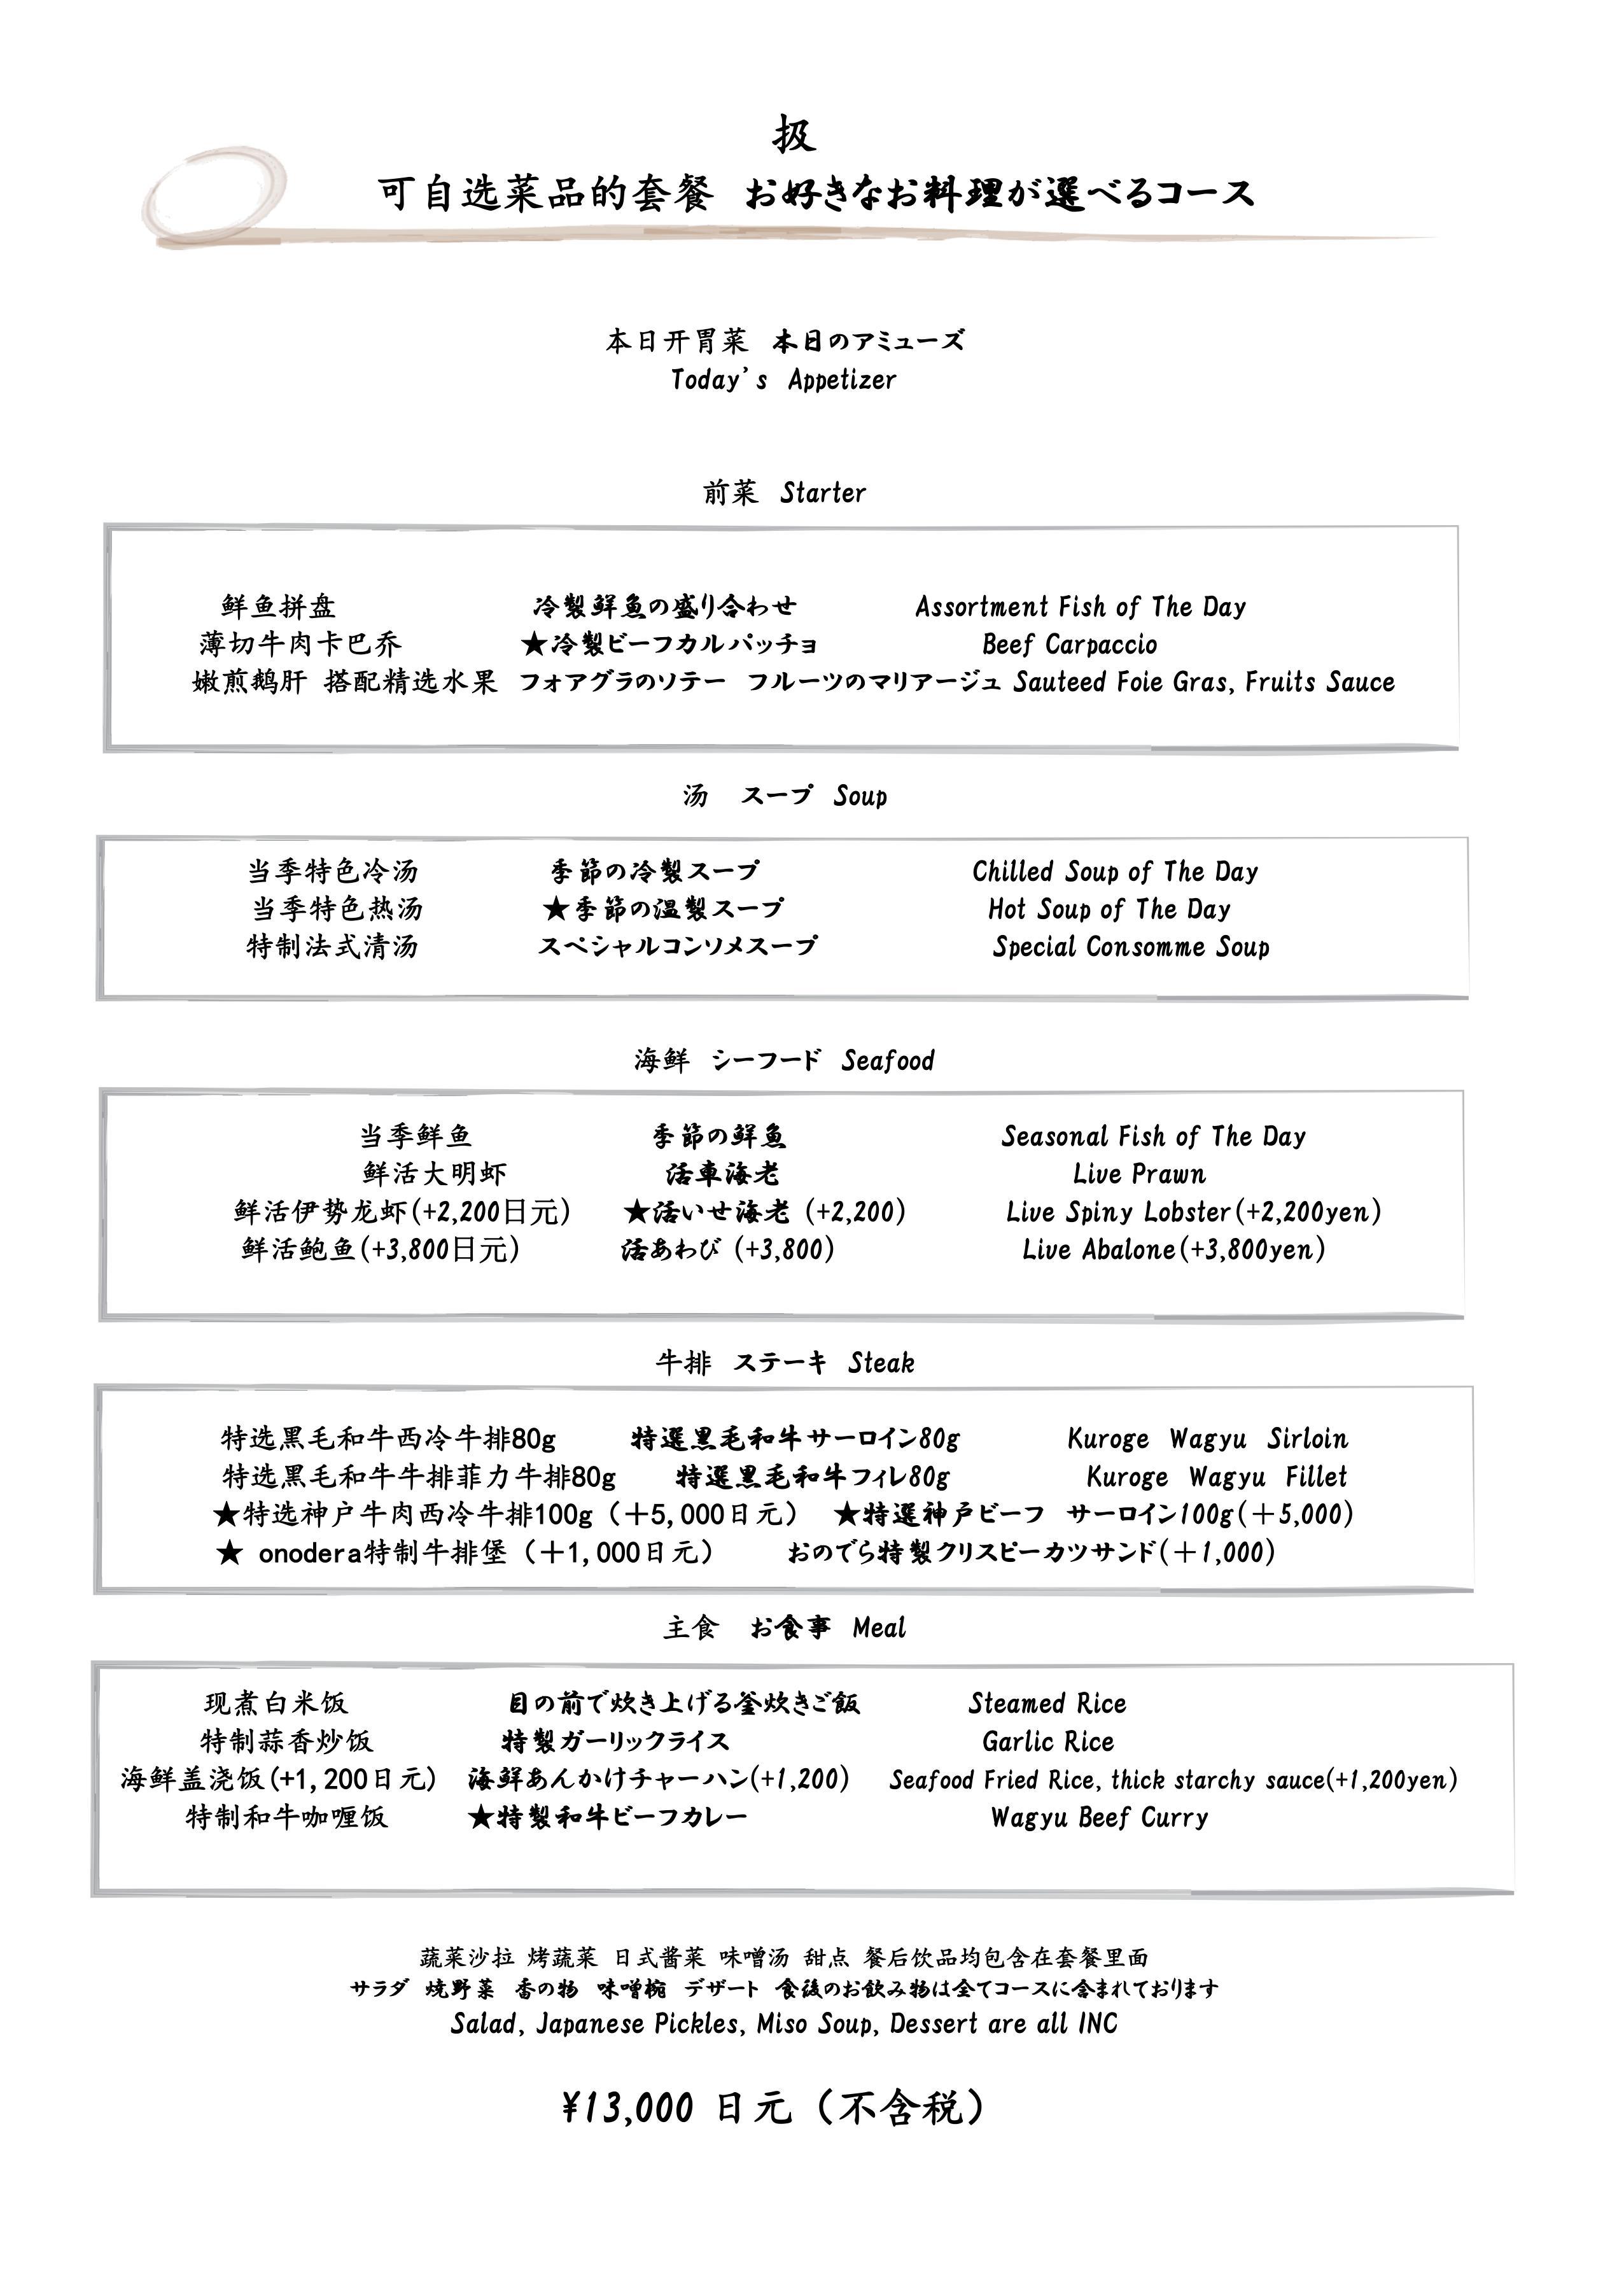 鉄板焼 [銀座店] ランチメニュー3